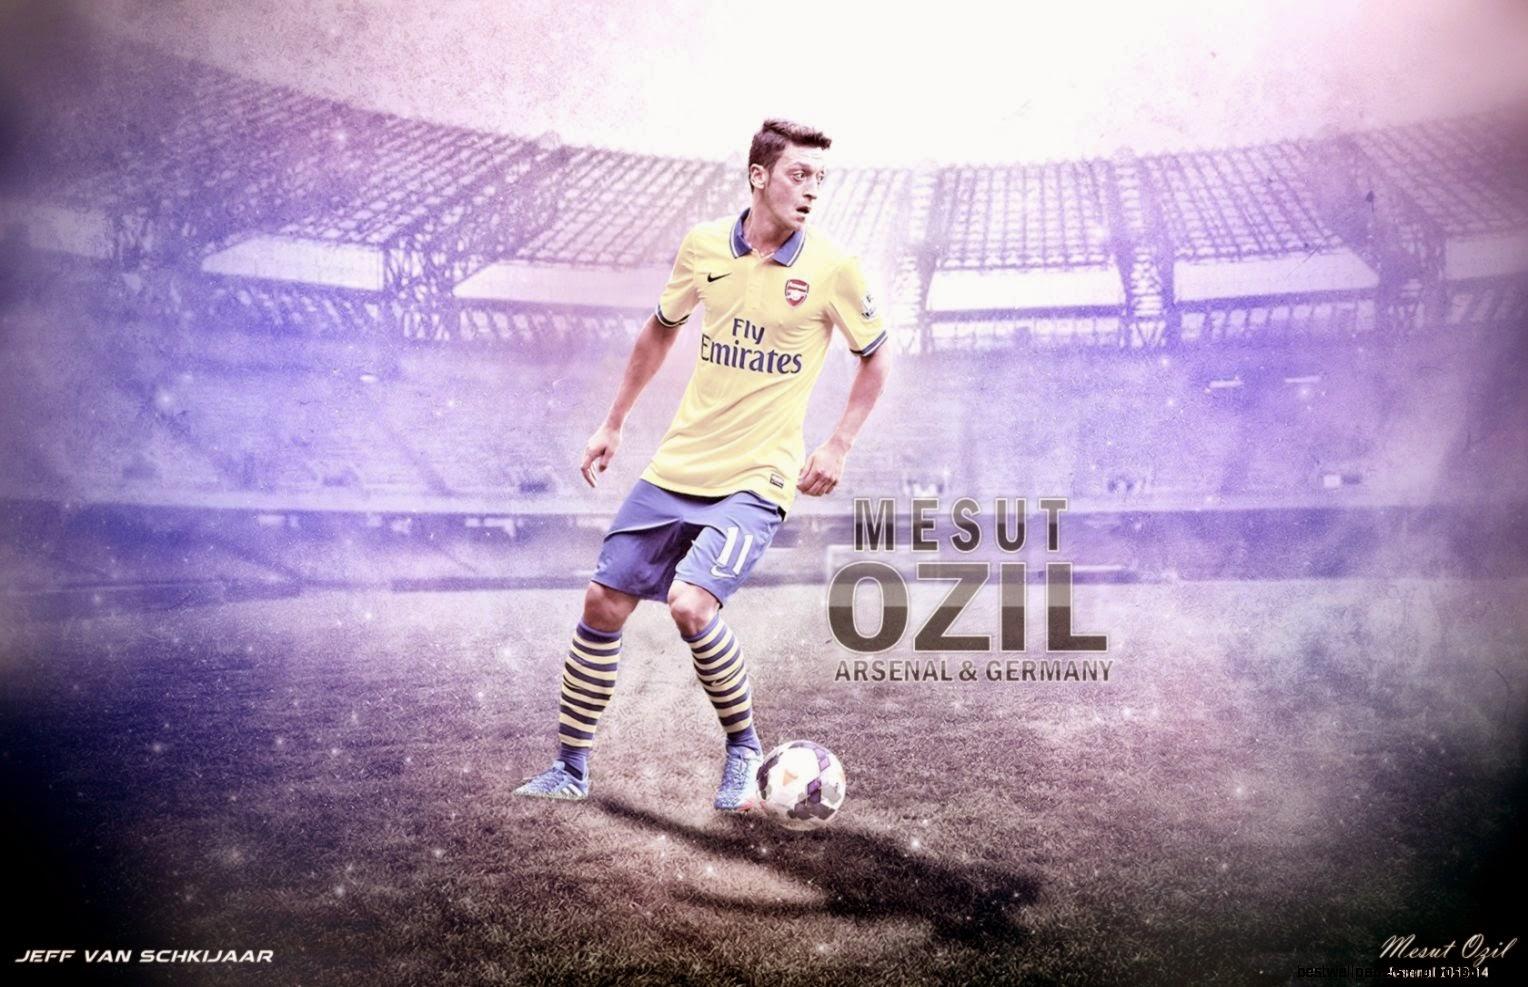 Mesut Ozil Arsenal Hd Wallpaper